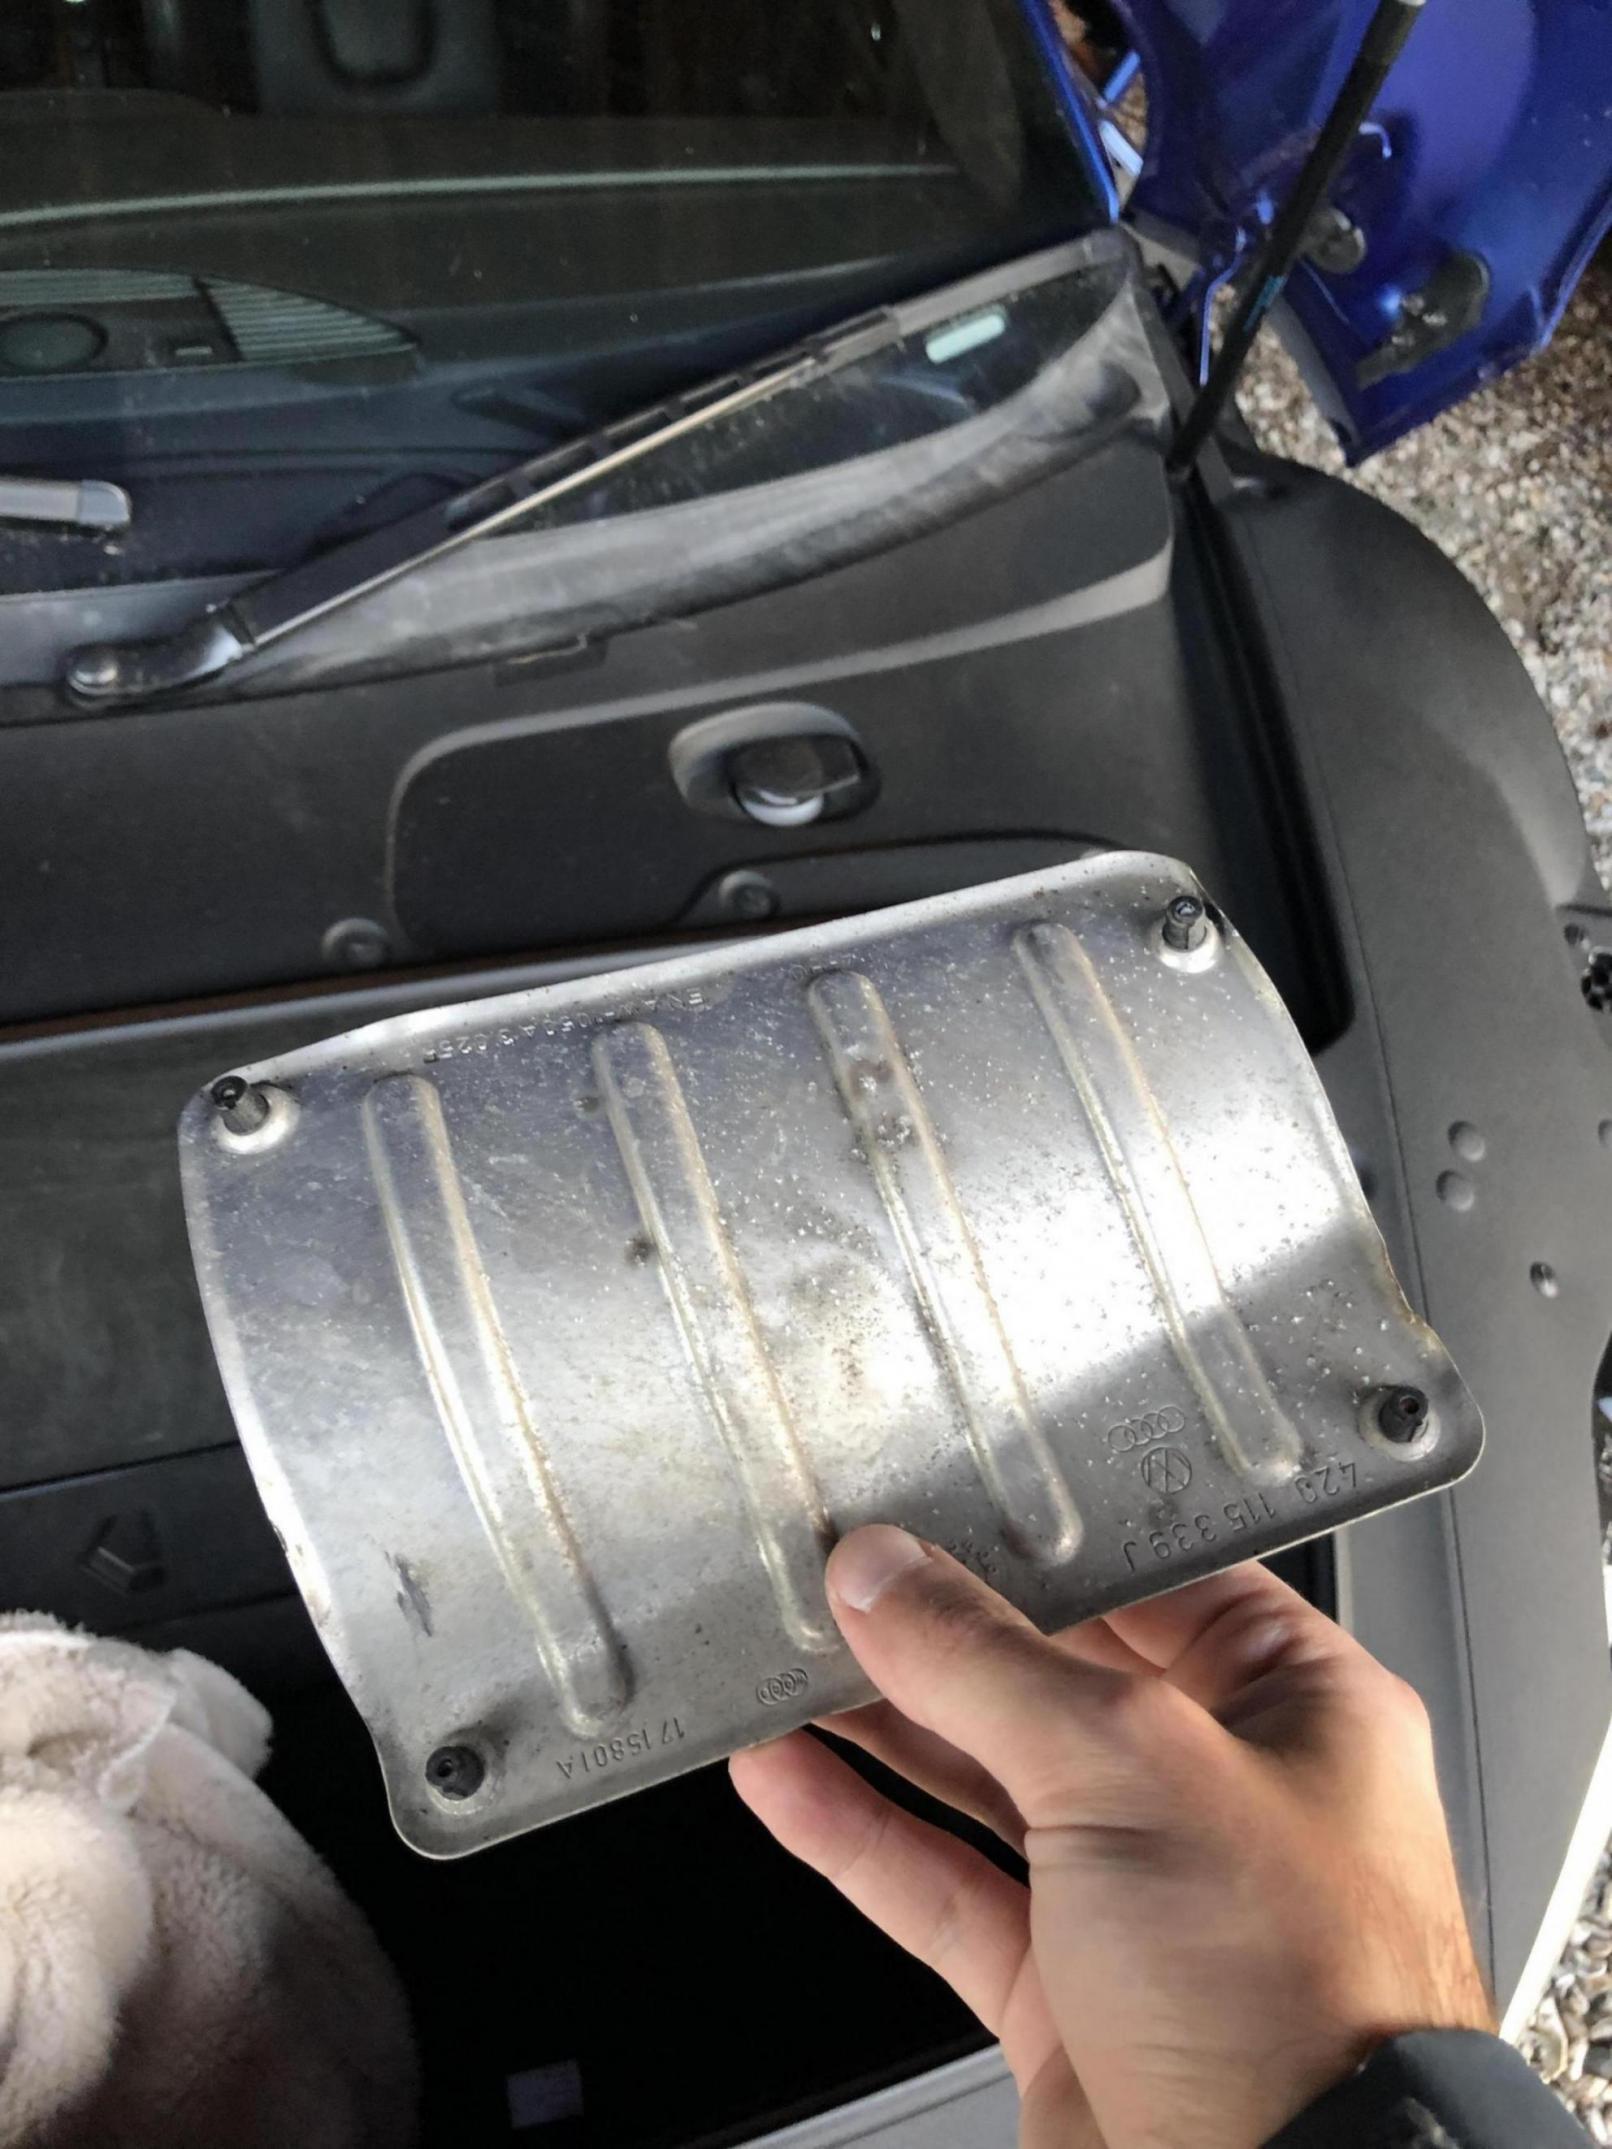 What's this part Audi left off?-cfecb25d-6115-4743-8b59-48de8d073936_1568403825167.jpg